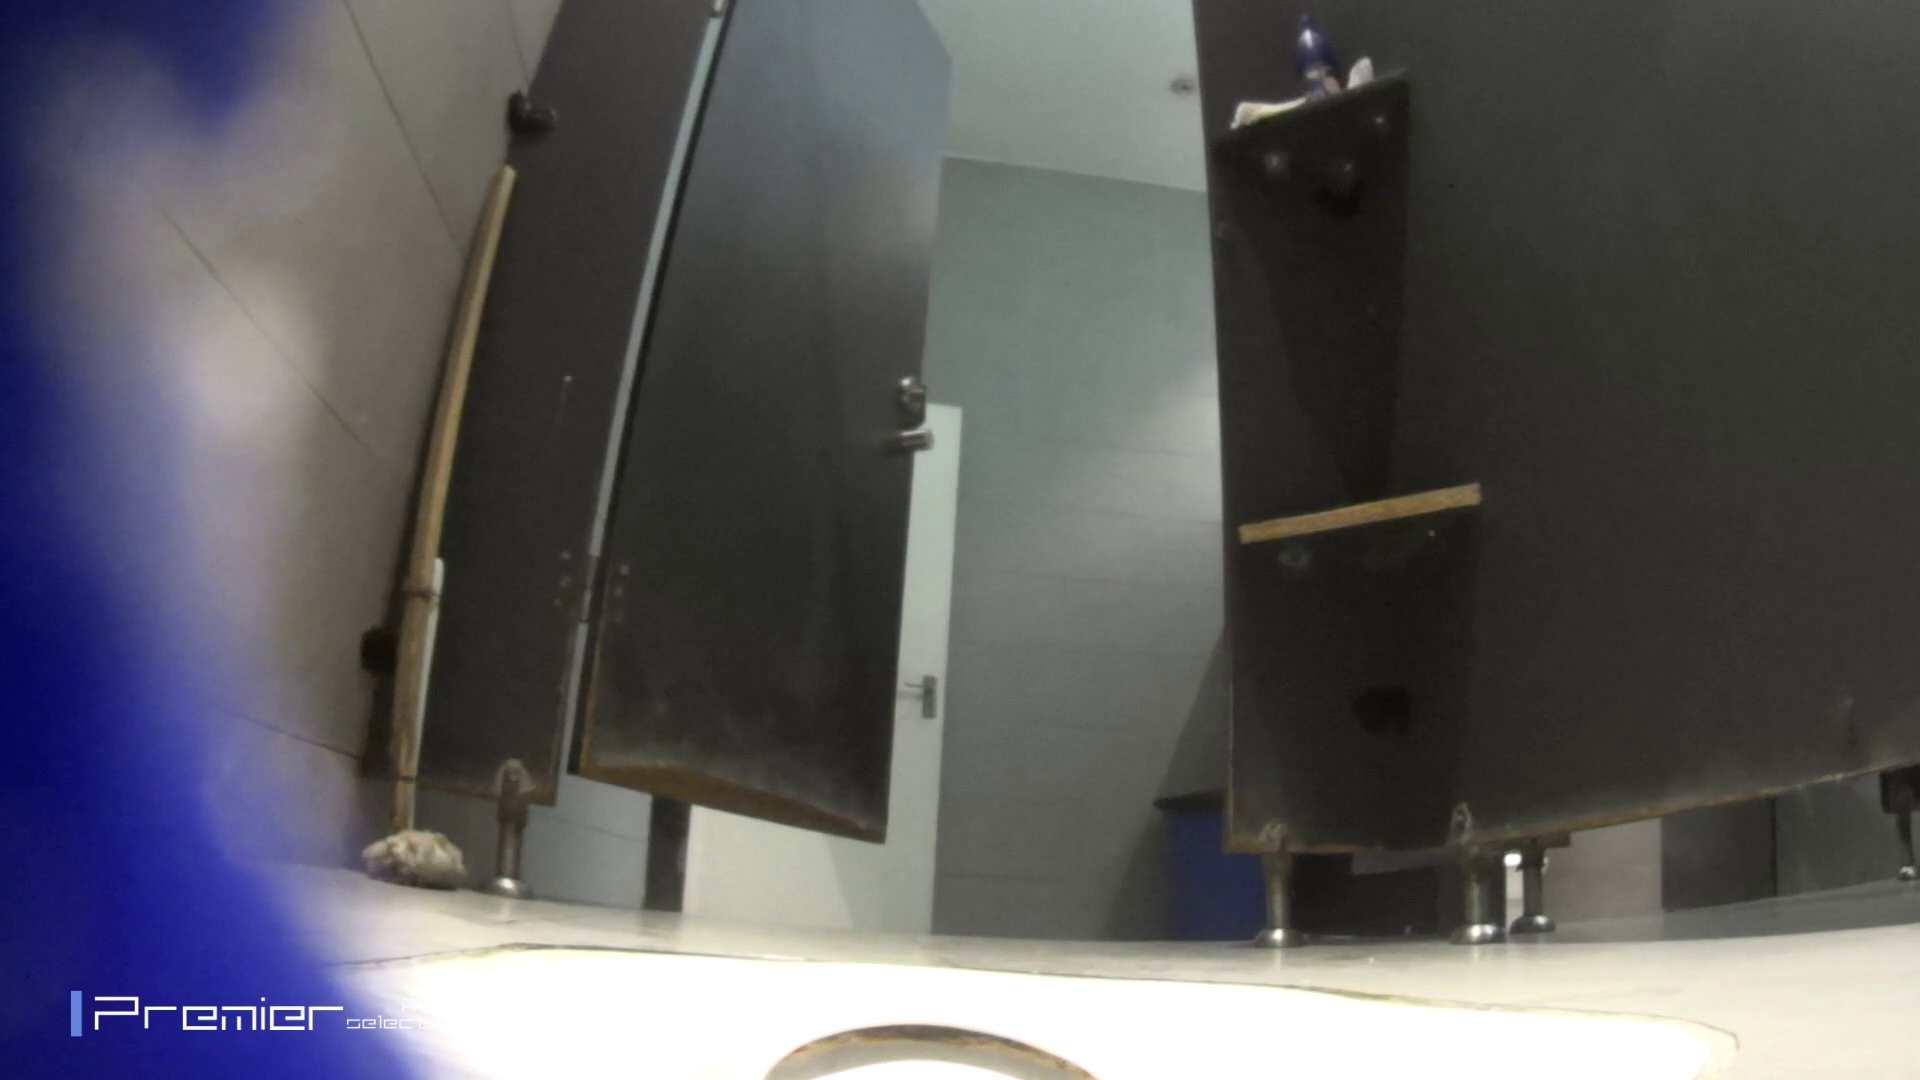 真夏のギャルの洗面所 大学休憩時間の洗面所事情52 洗面所着替え | お姉さん達のヌード  99連発 53